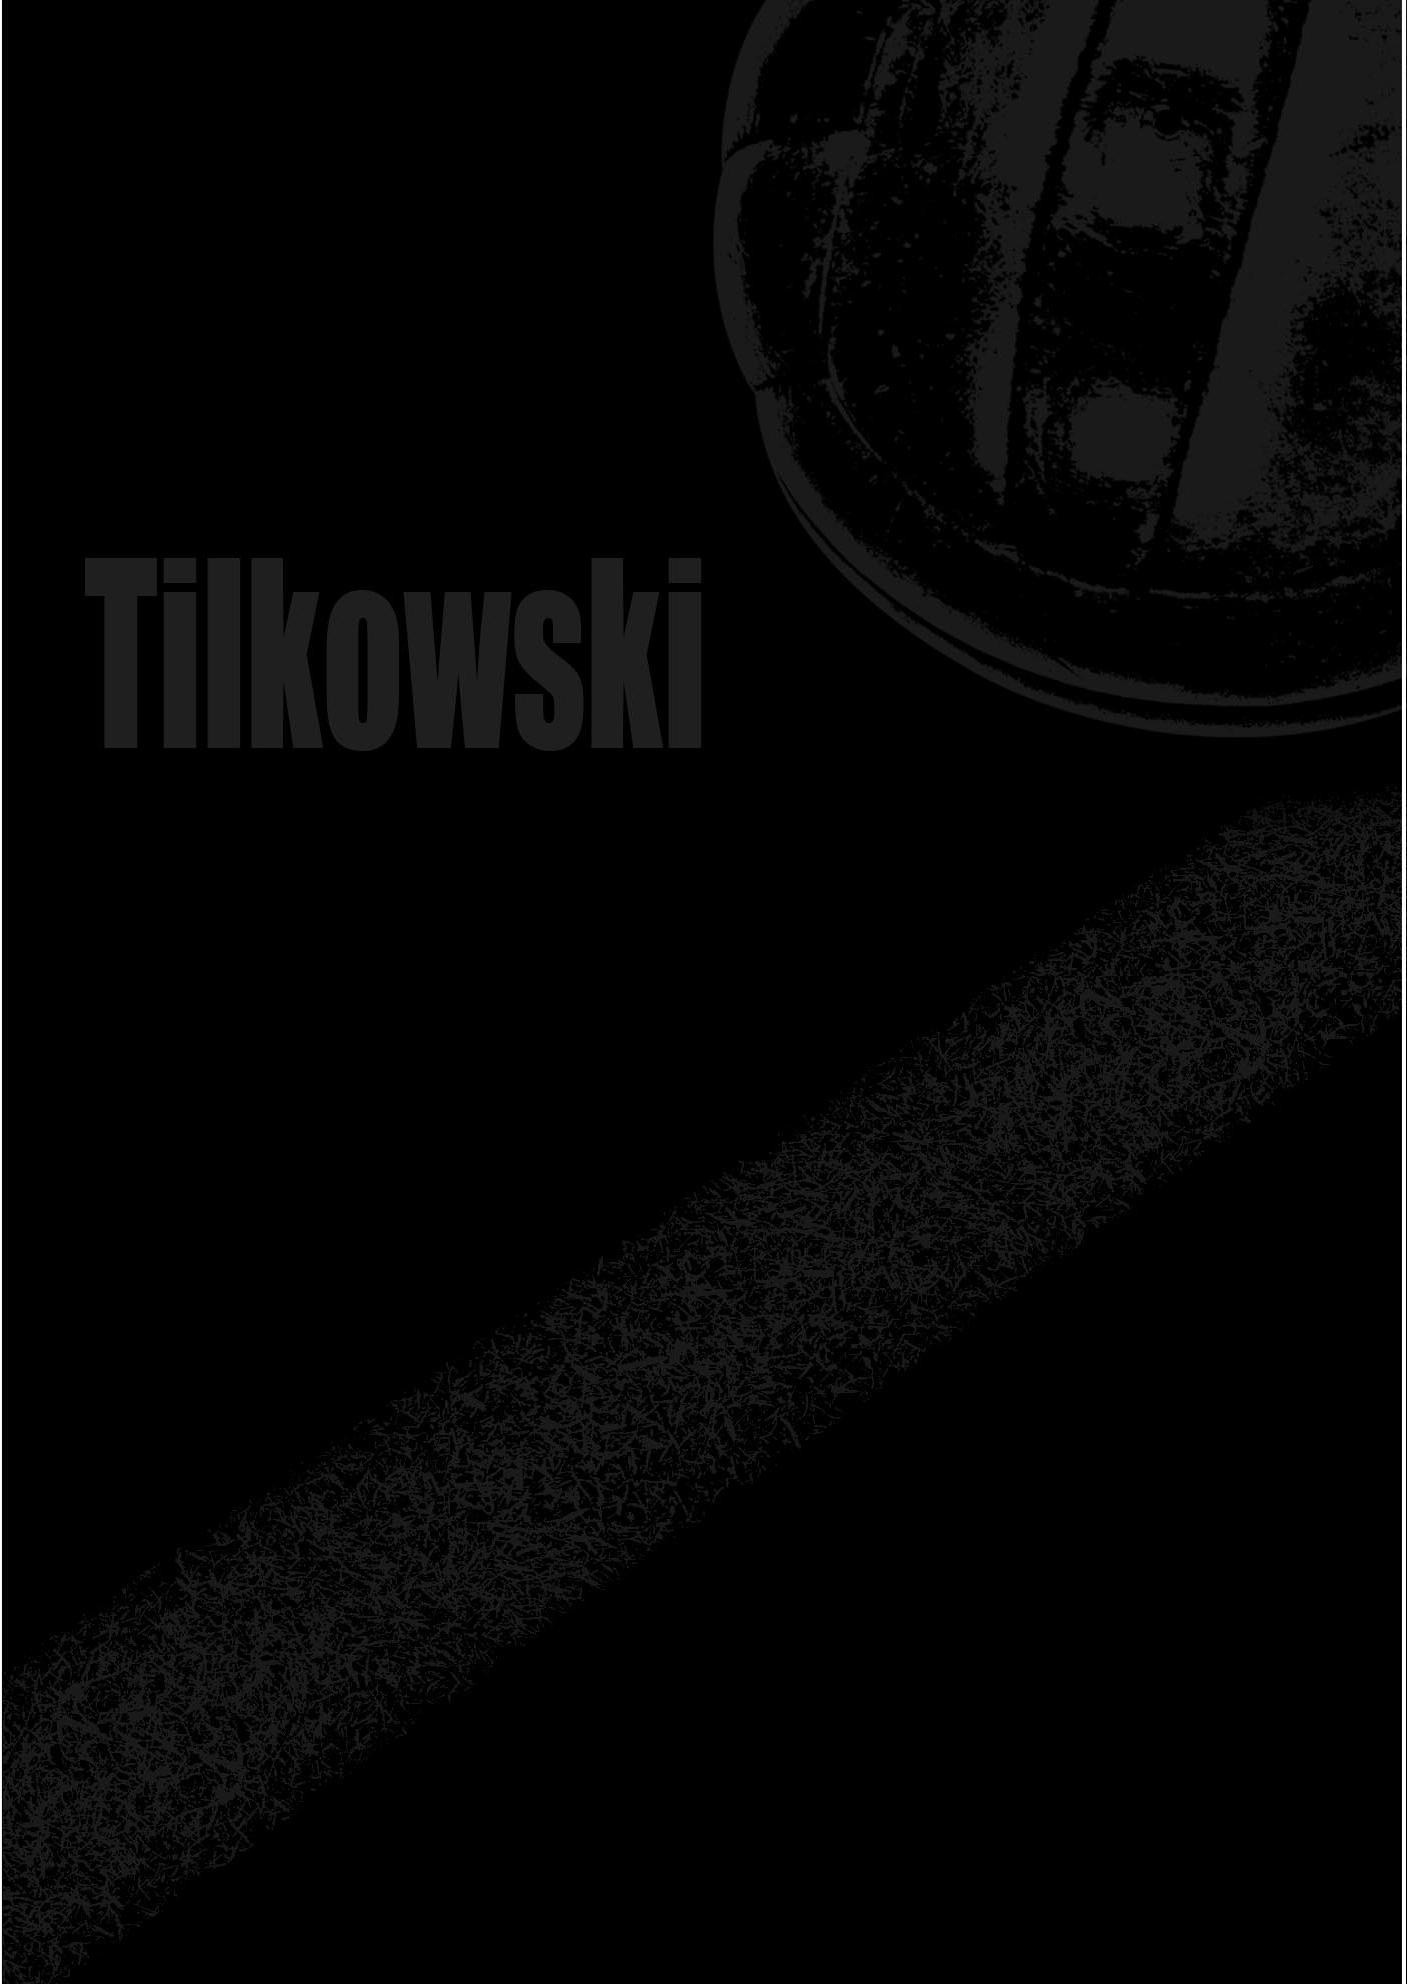 Cover Tilkowski.jpg